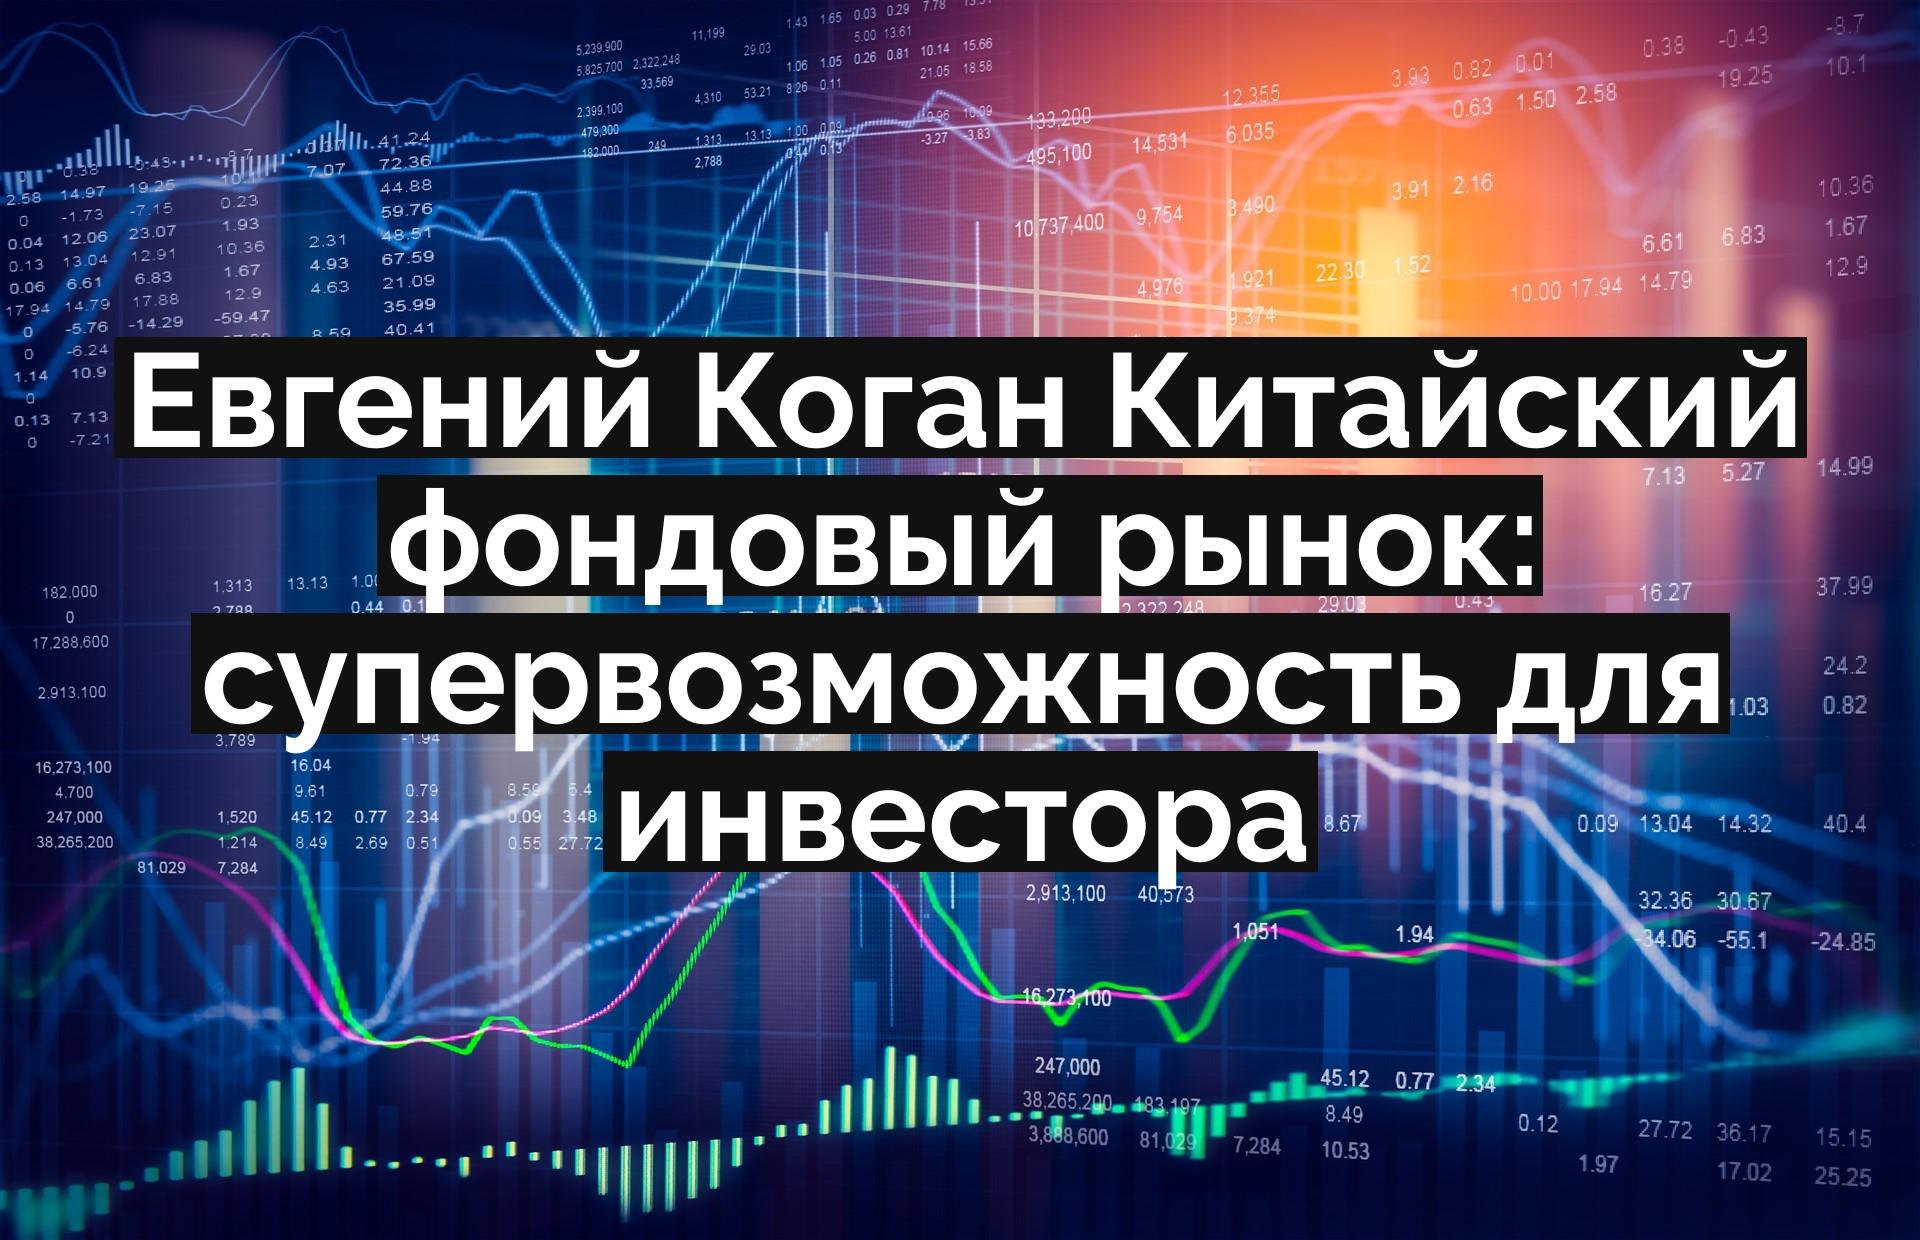 Евгений Коган Китайский фондовый рынок: супервозможность для инвестора